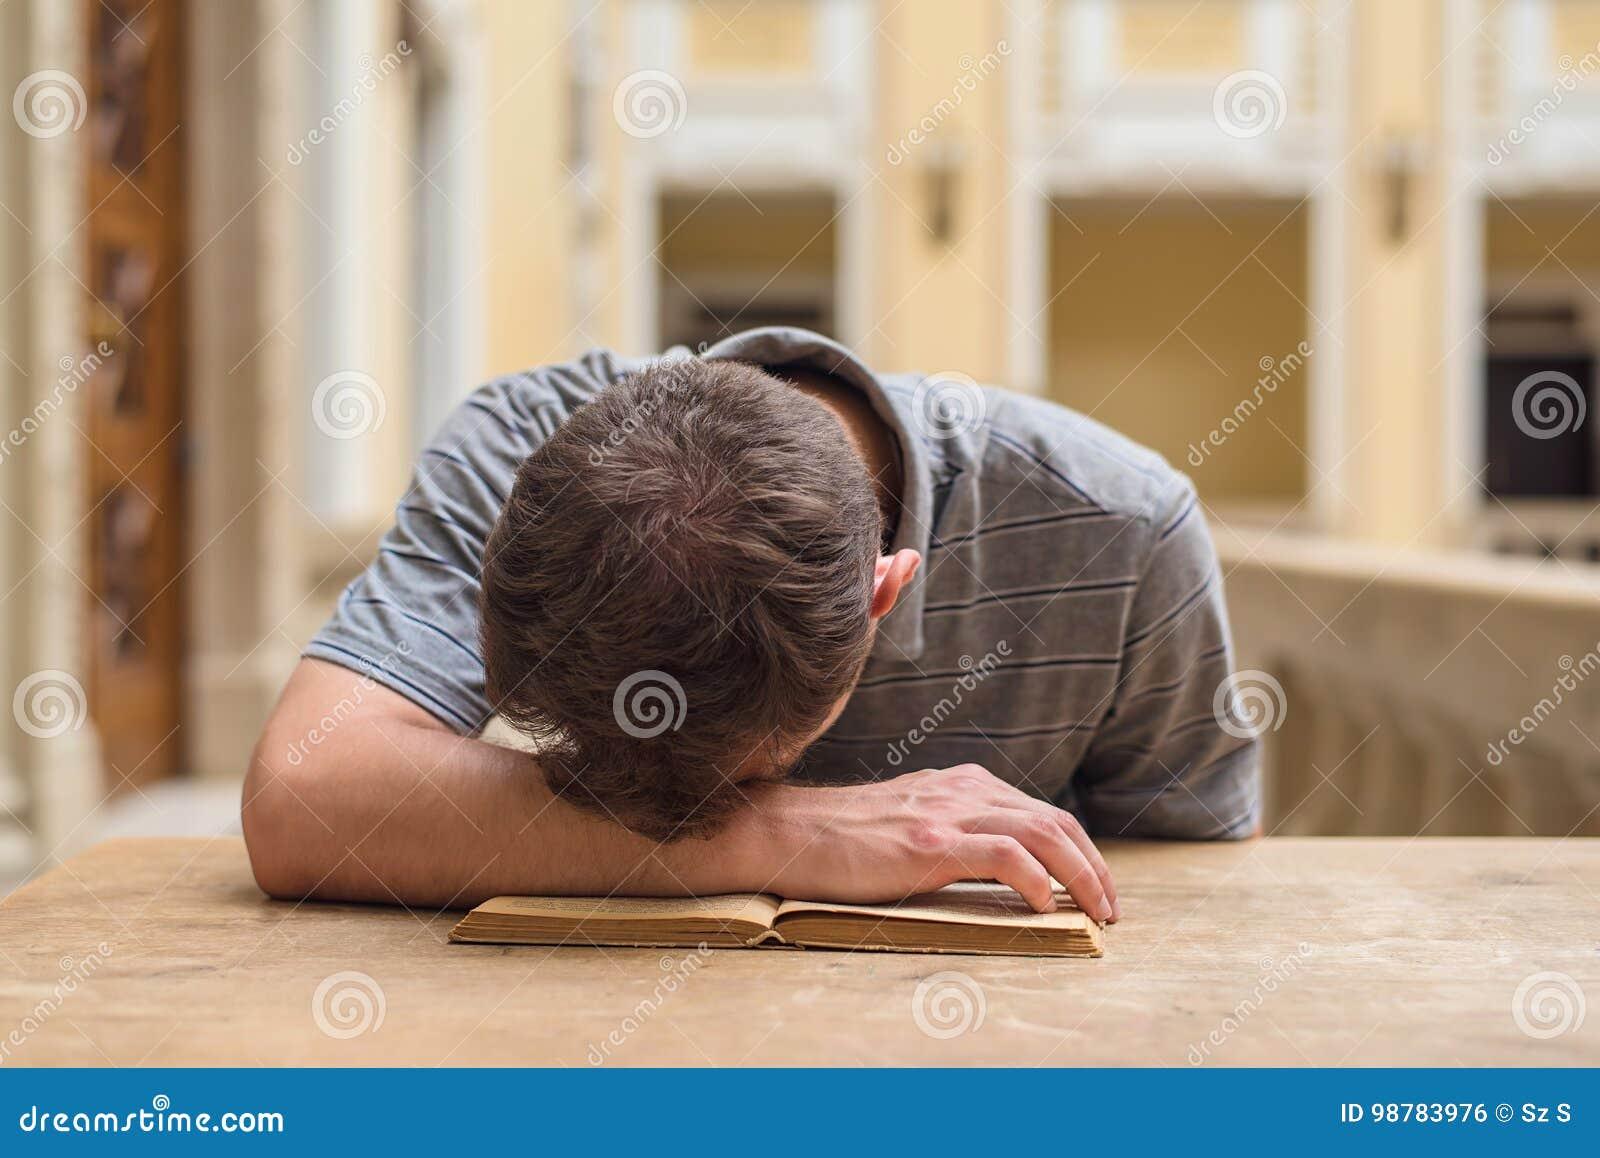 Junger Studentenkerl, der ein langweiliges Thema studiert